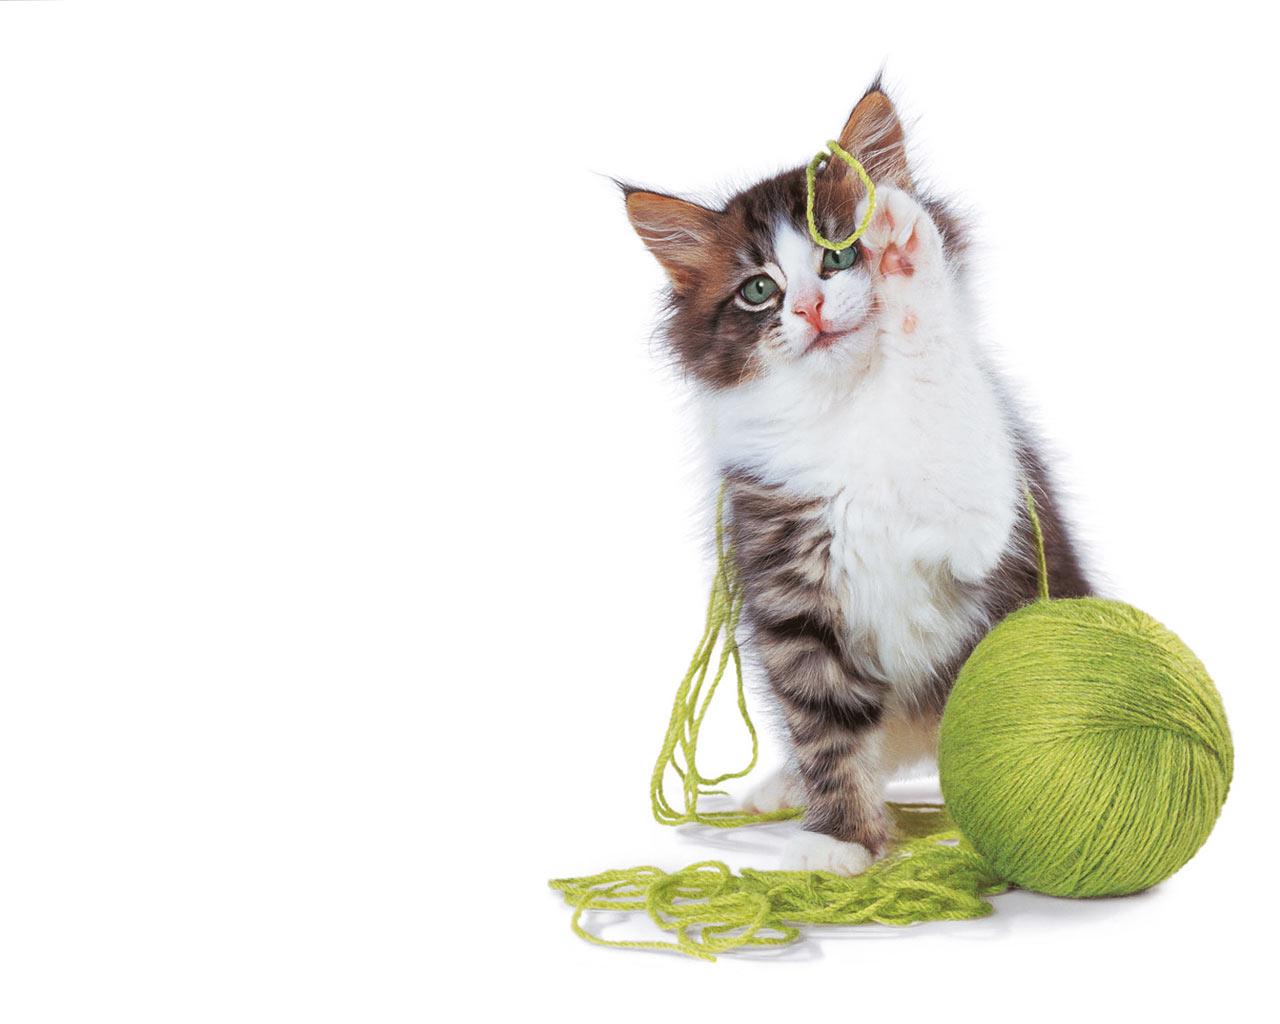 http://1.bp.blogspot.com/_dsnzgYi204Q/THsjq96cfYI/AAAAAAAAgwA/I1OUjS3XynY/s1600/Cat_-_Order.jpg